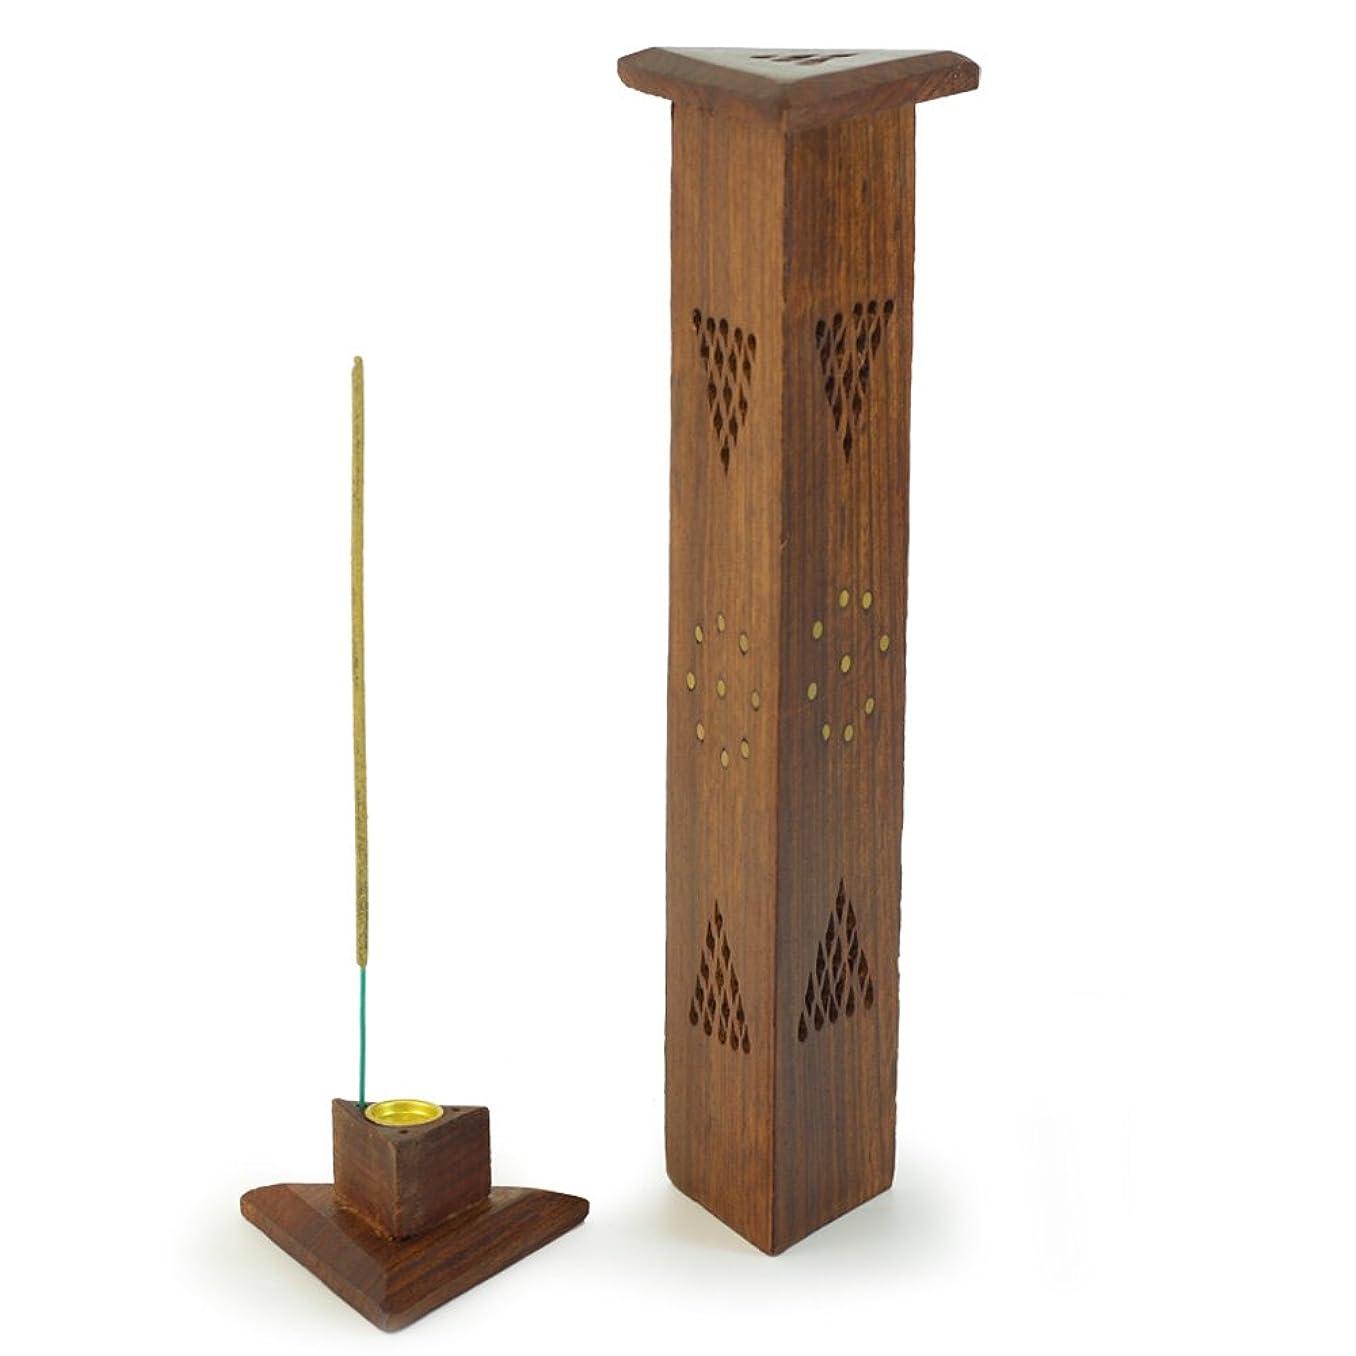 ボード真似るスーパー香炉?–?木製三角形タワー